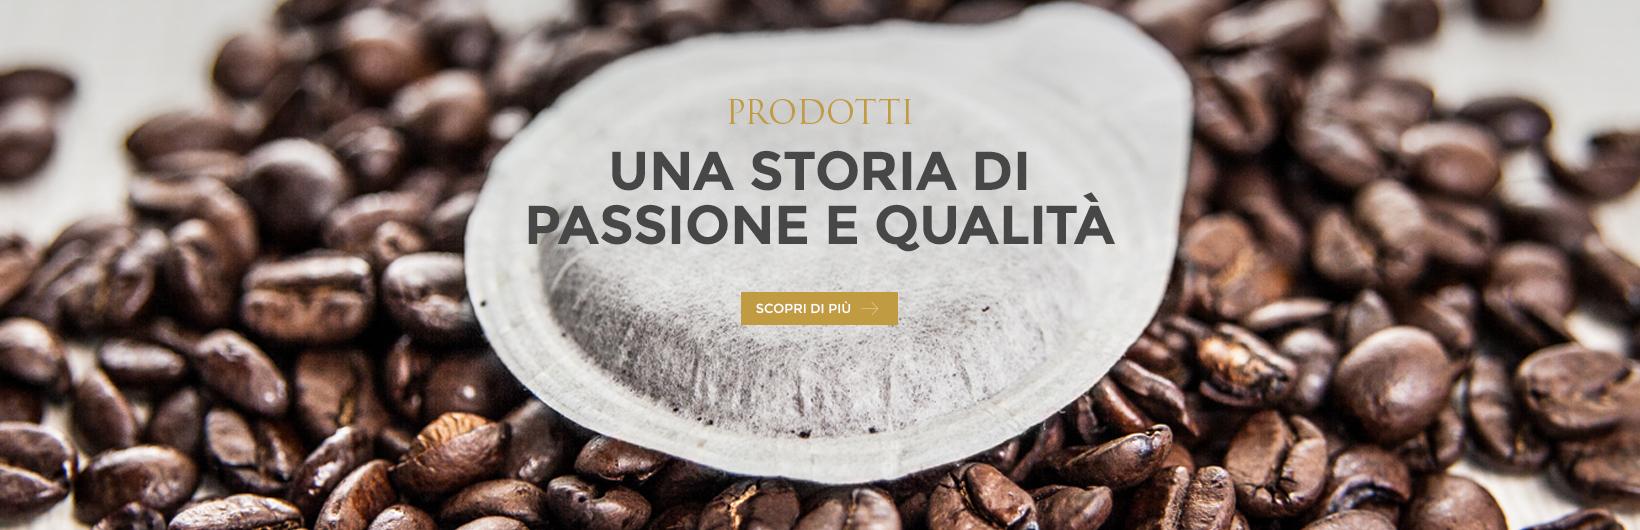 Banner_Prodotti